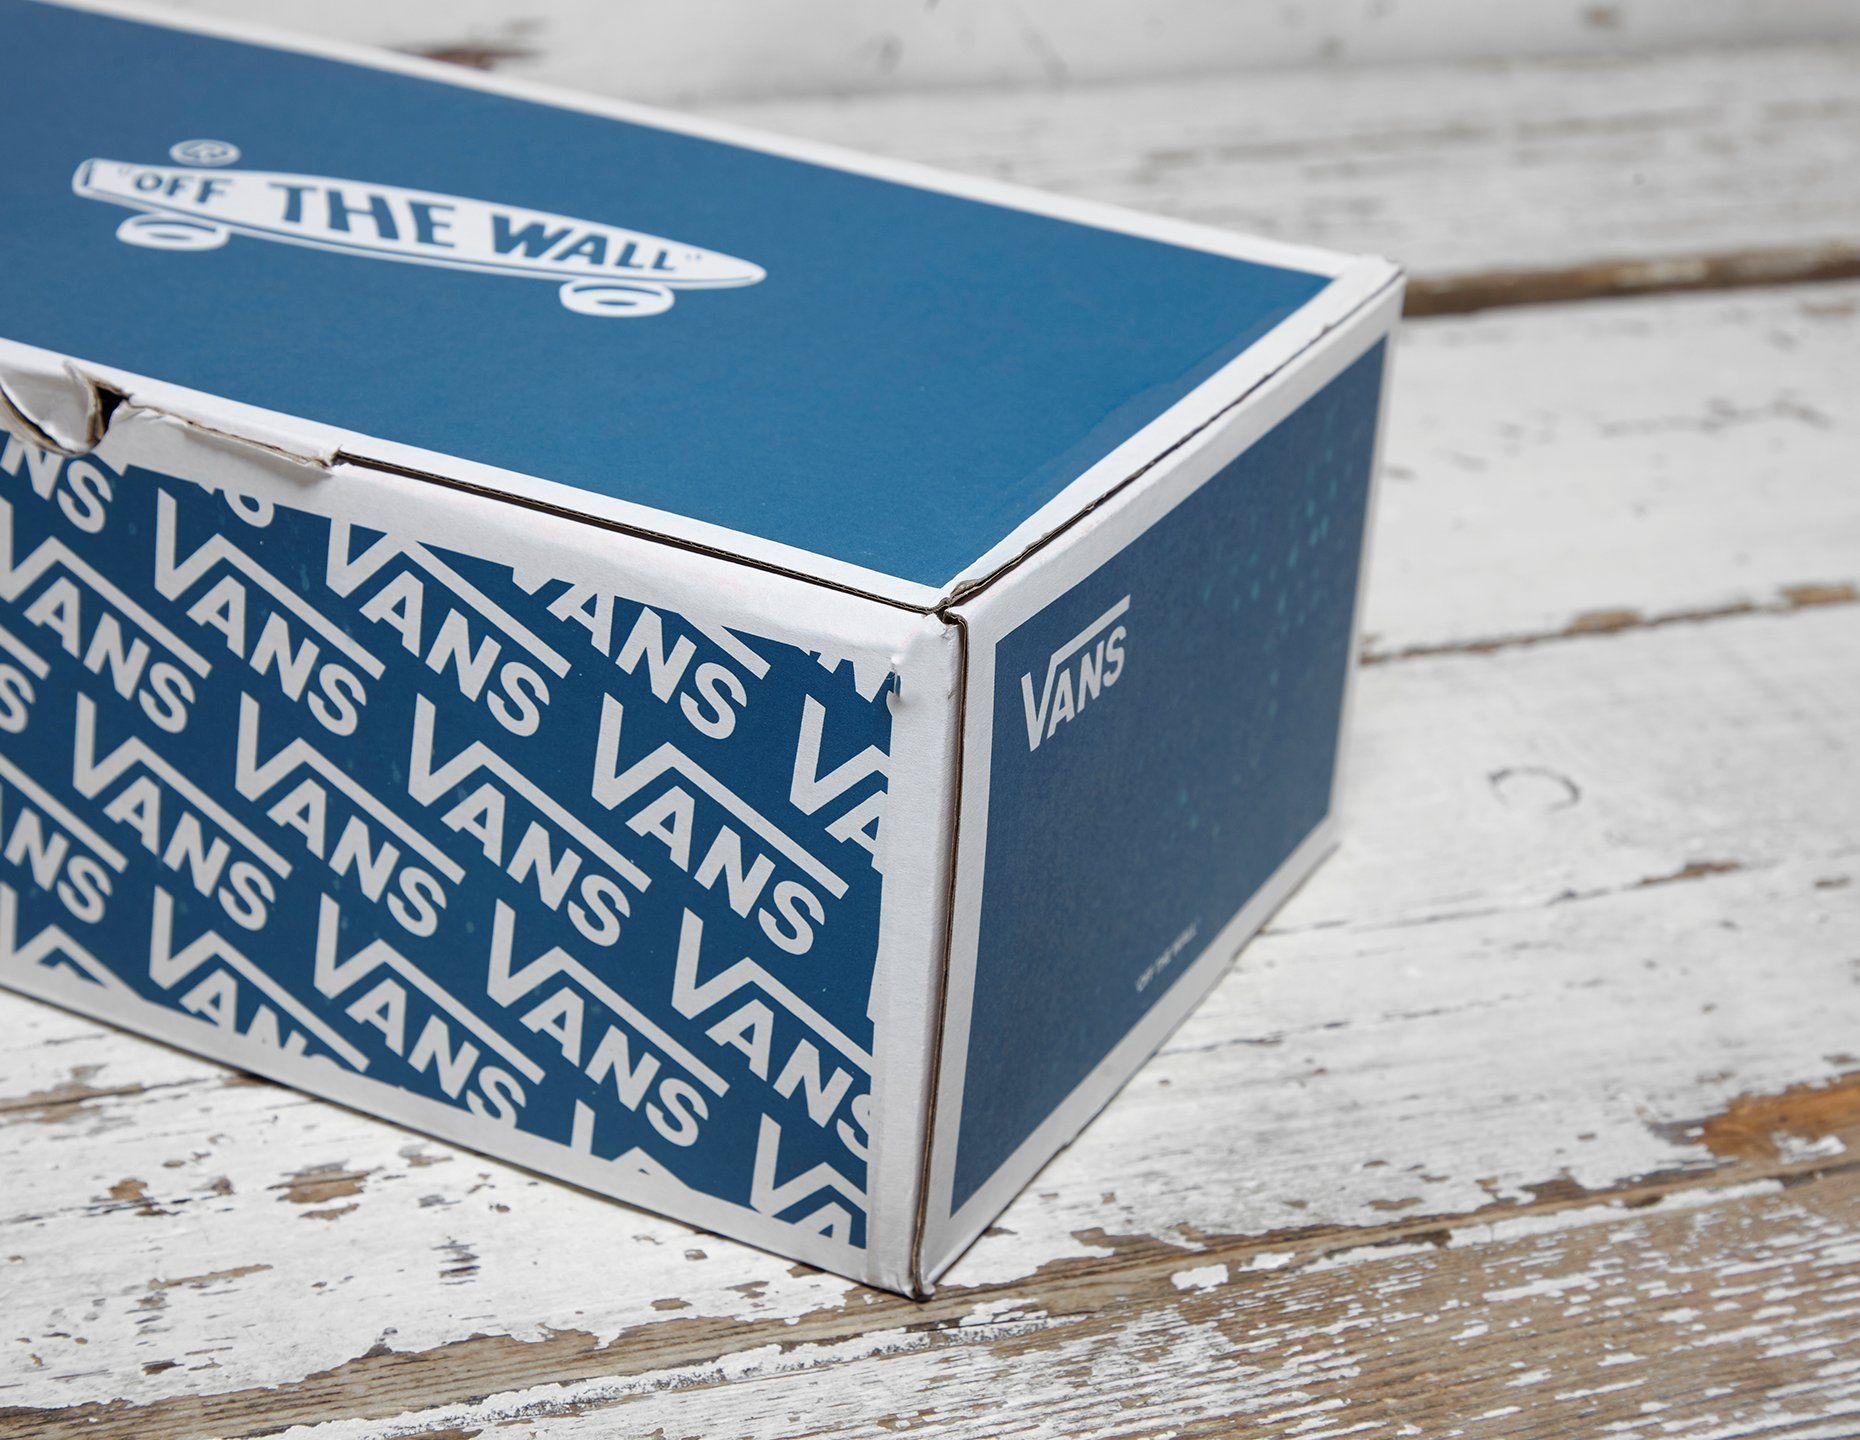 Vans Vault OG Classic Slip On